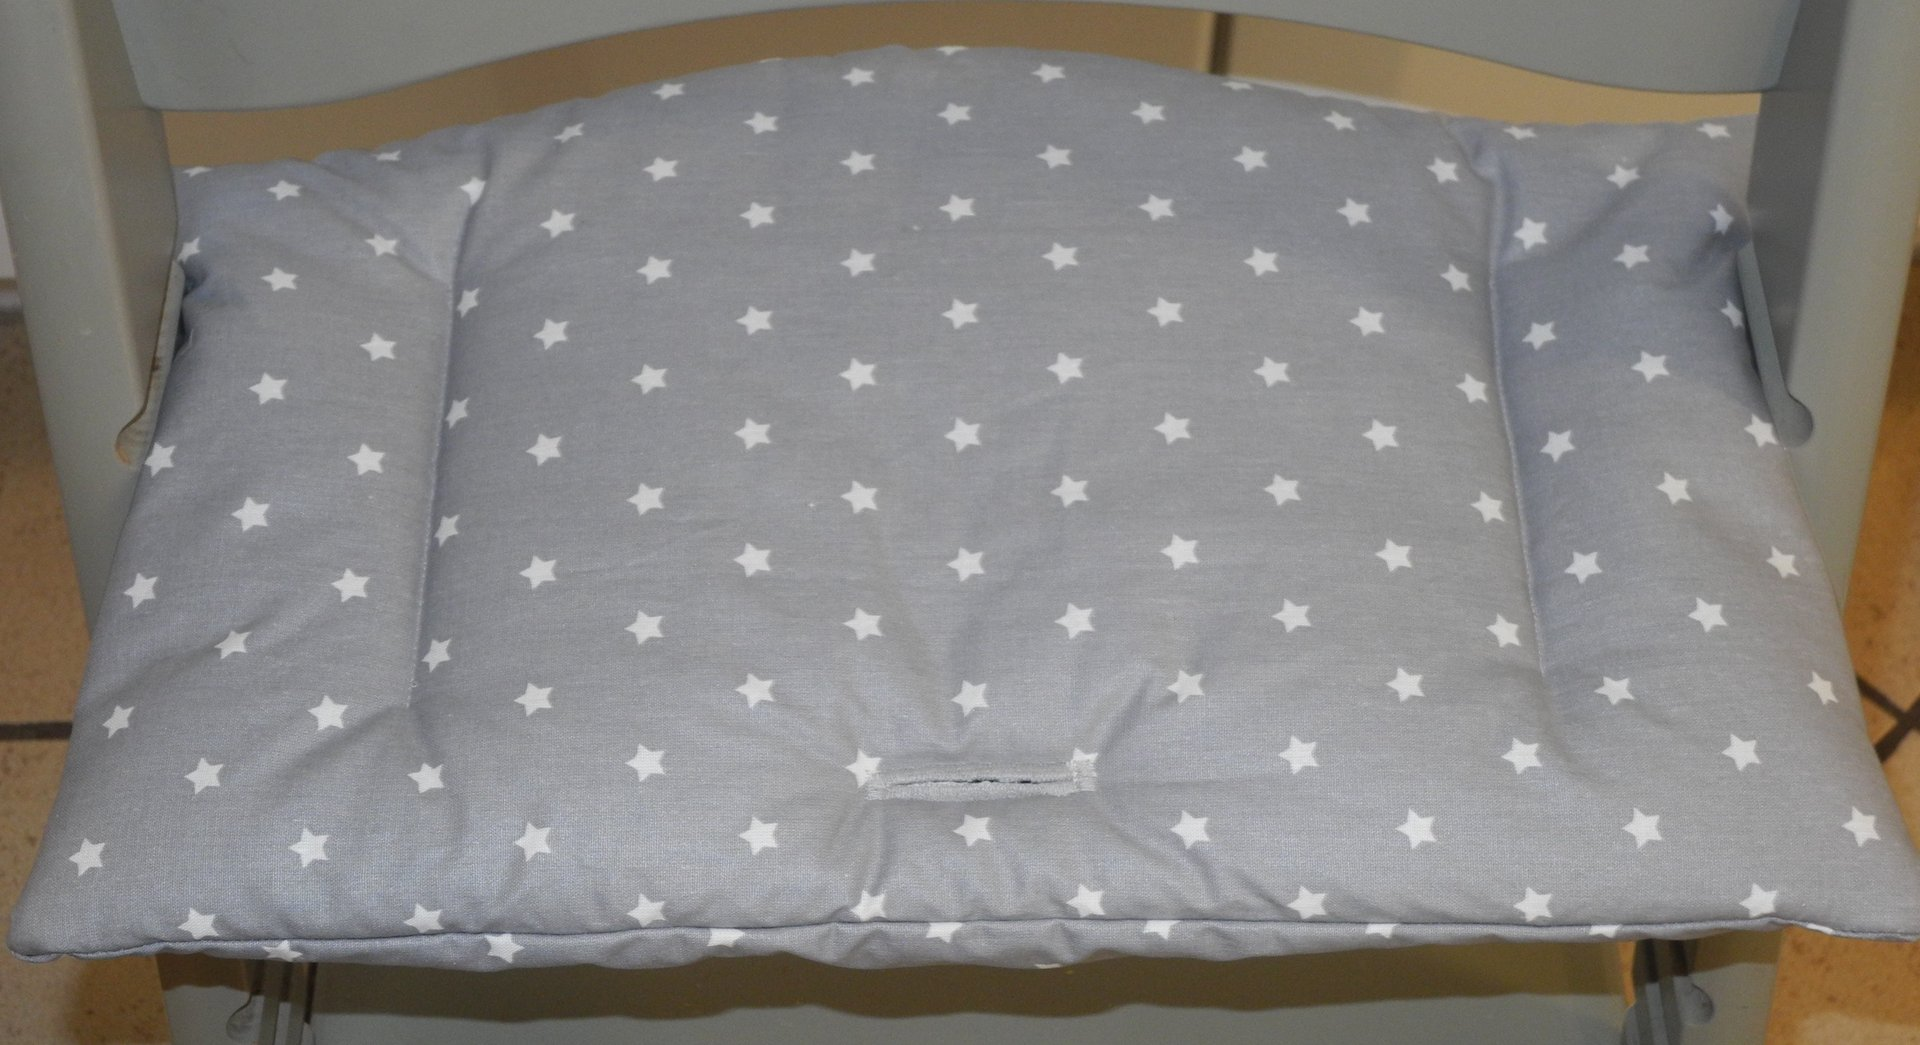 stokke hochstuhlkissen nur f r sitz beschichtet farbwahl sterne punkte siebenpunkt. Black Bedroom Furniture Sets. Home Design Ideas